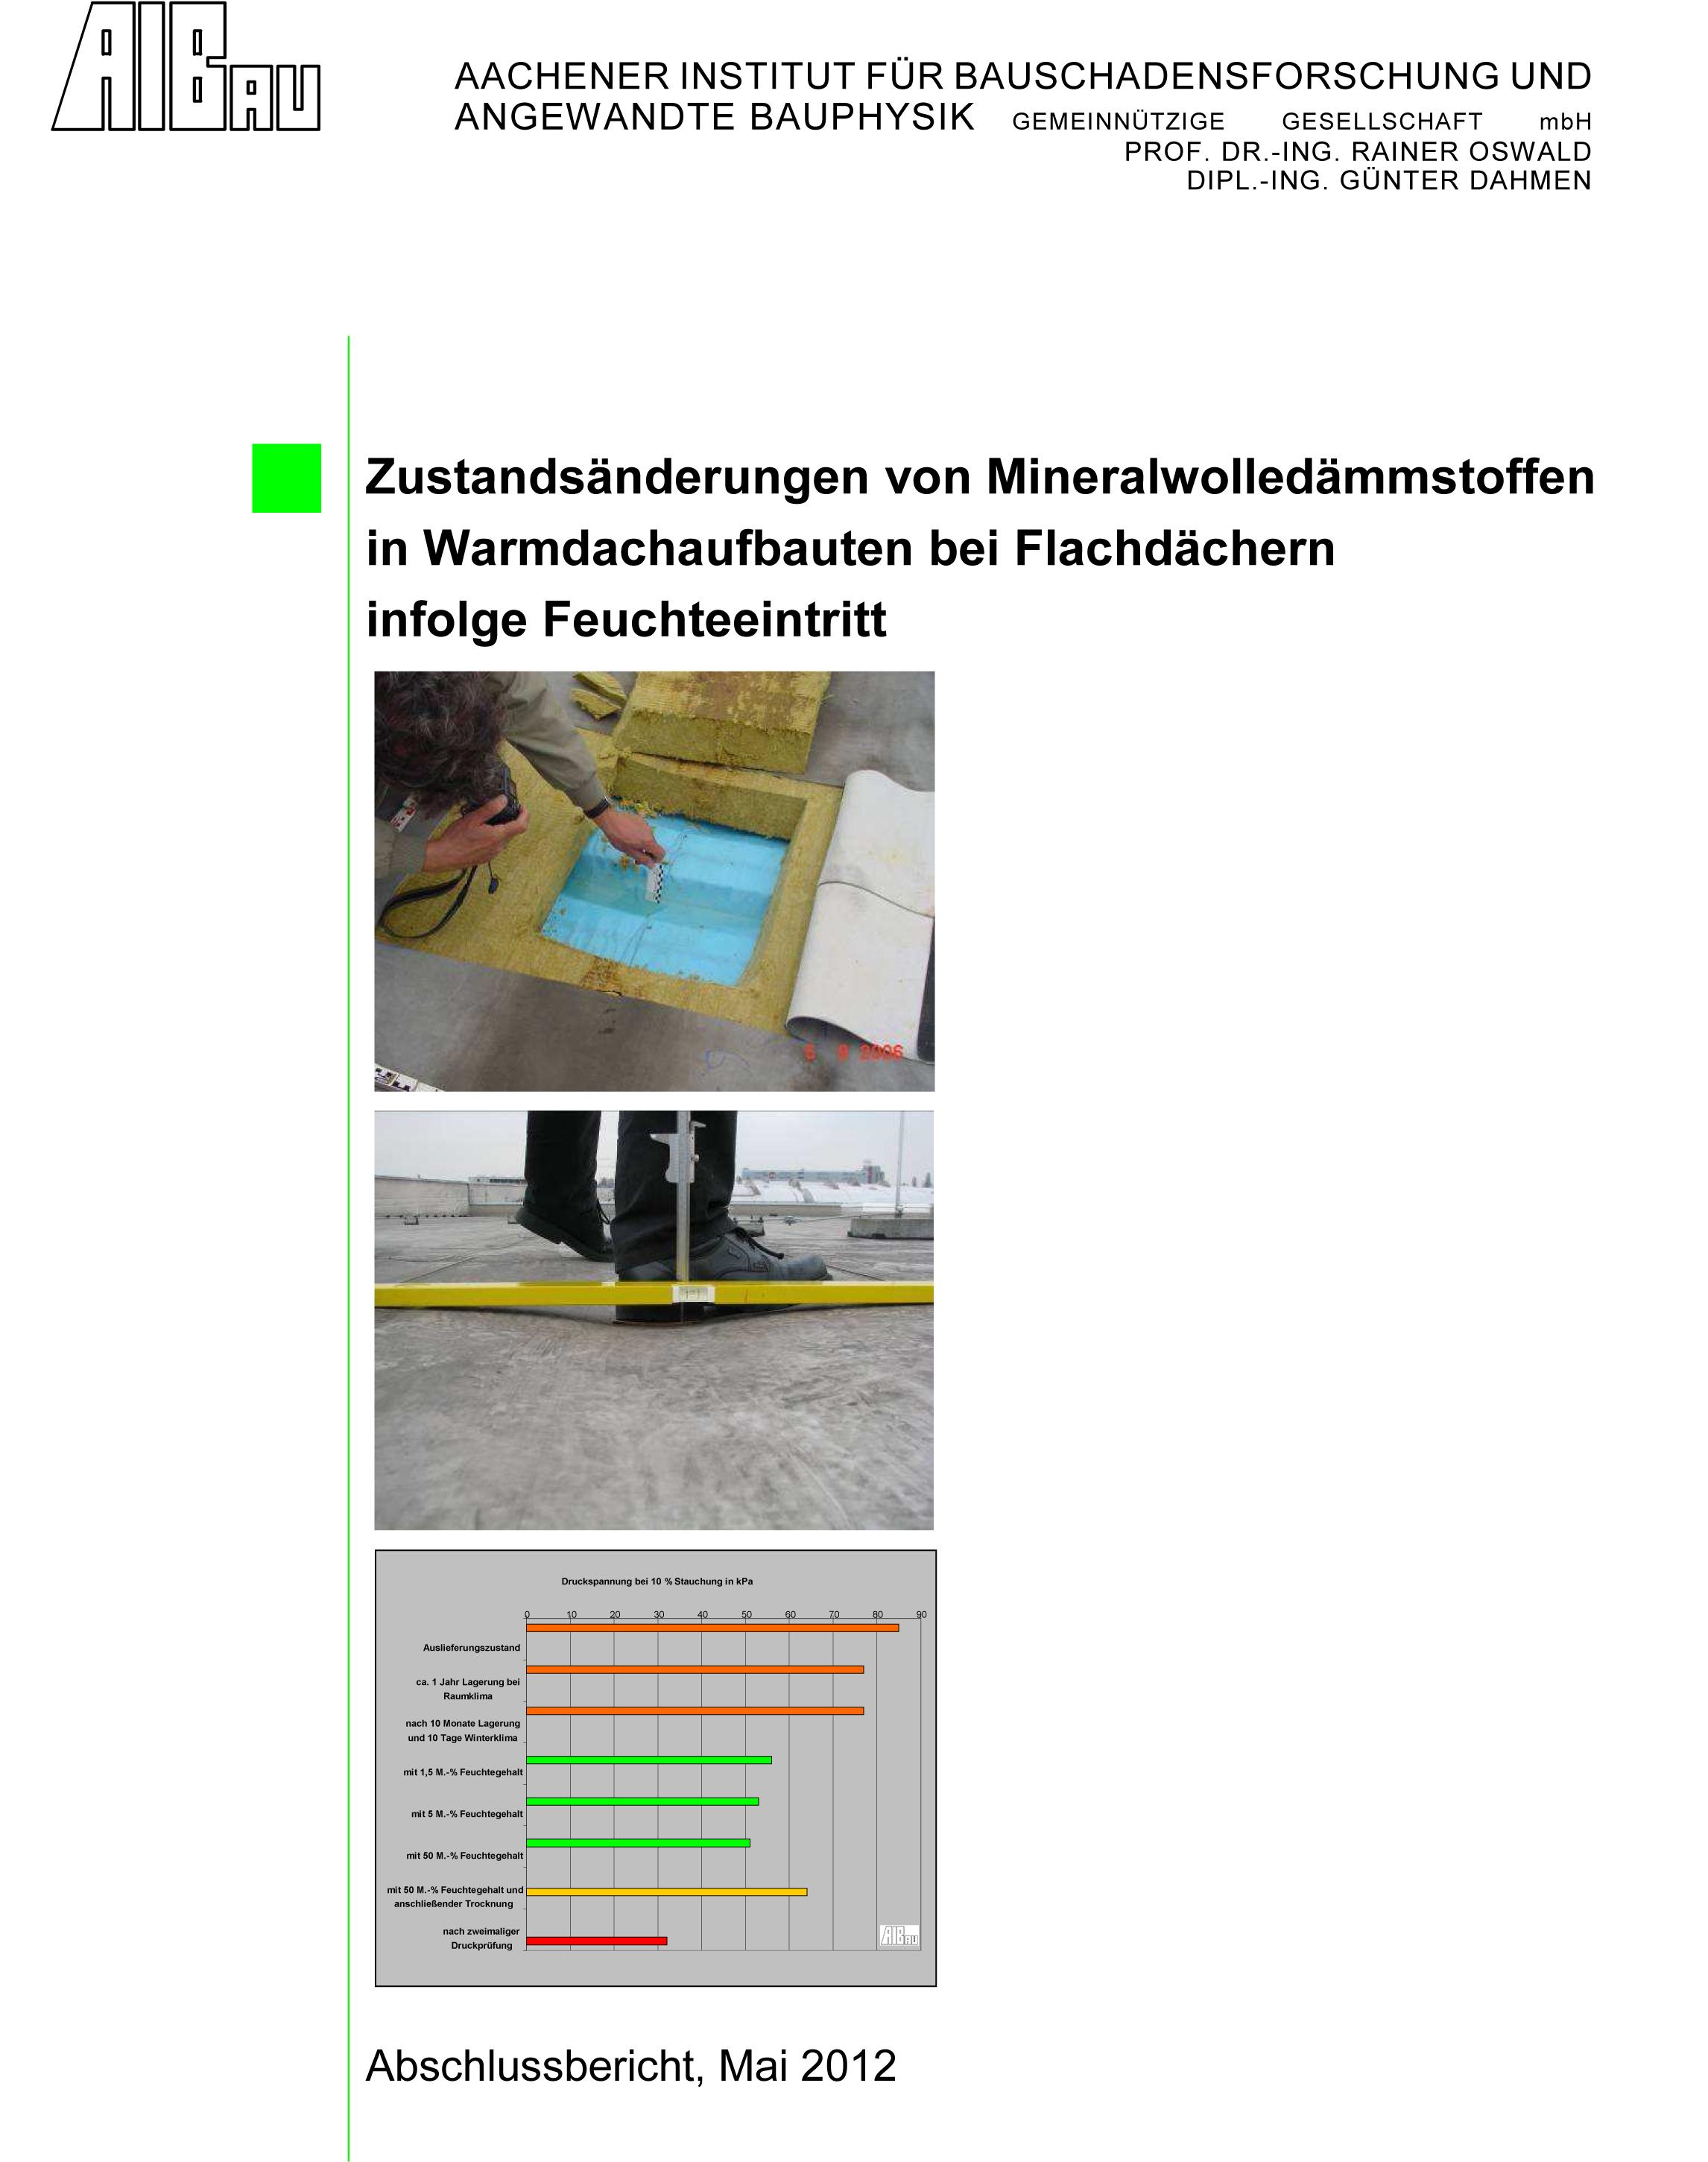 Forschungsbericht: Zustandsänderung von Minerawolledämmstoffen in Warmdachaufbauten bei Flachdächern infolge Feuchteeintritt - Coverbild